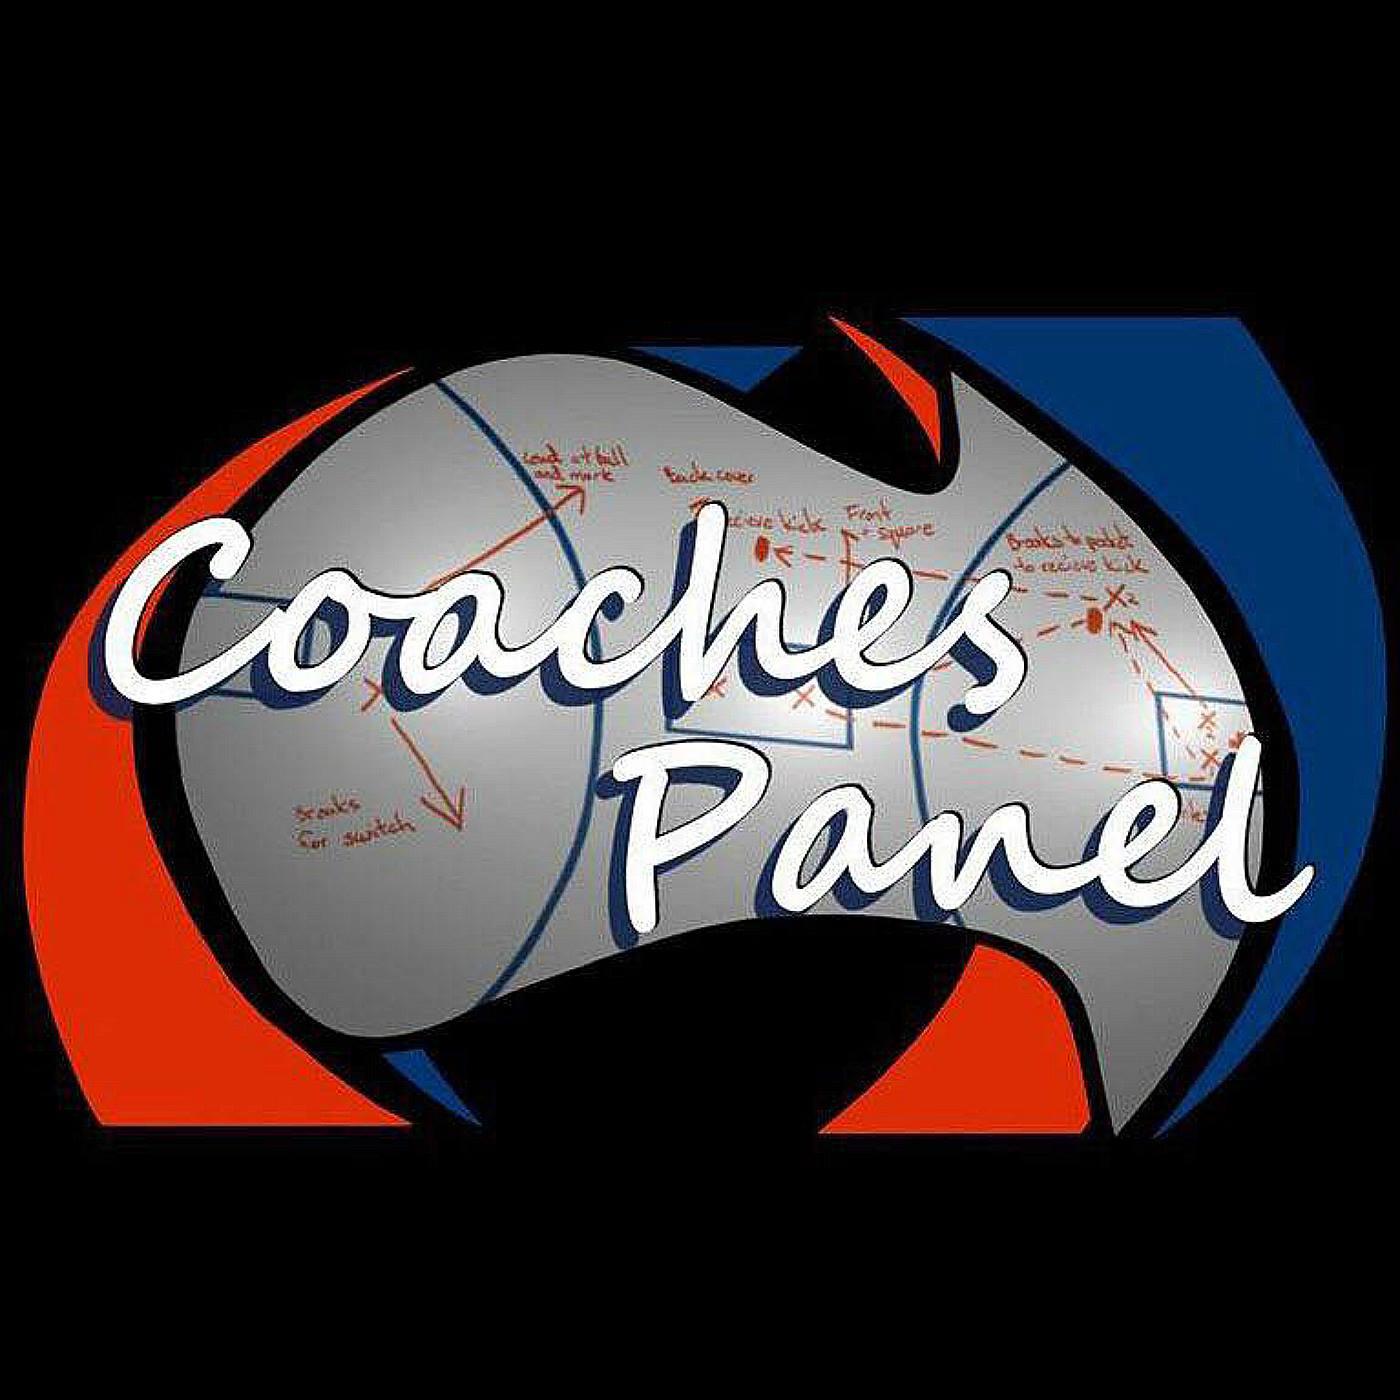 Coaches Panel